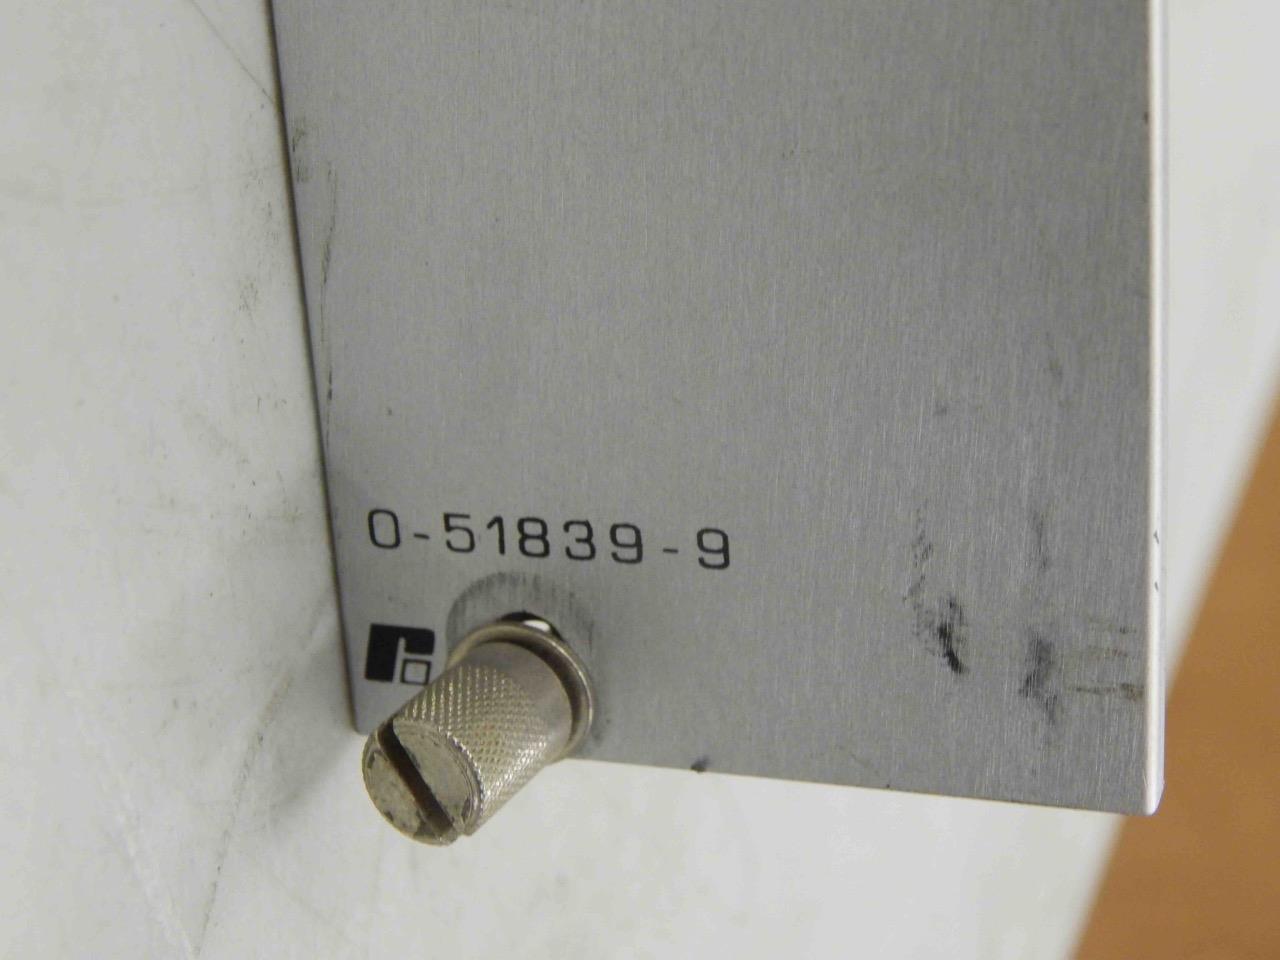 Used Reliance IRCK PC Board 0-51839-9